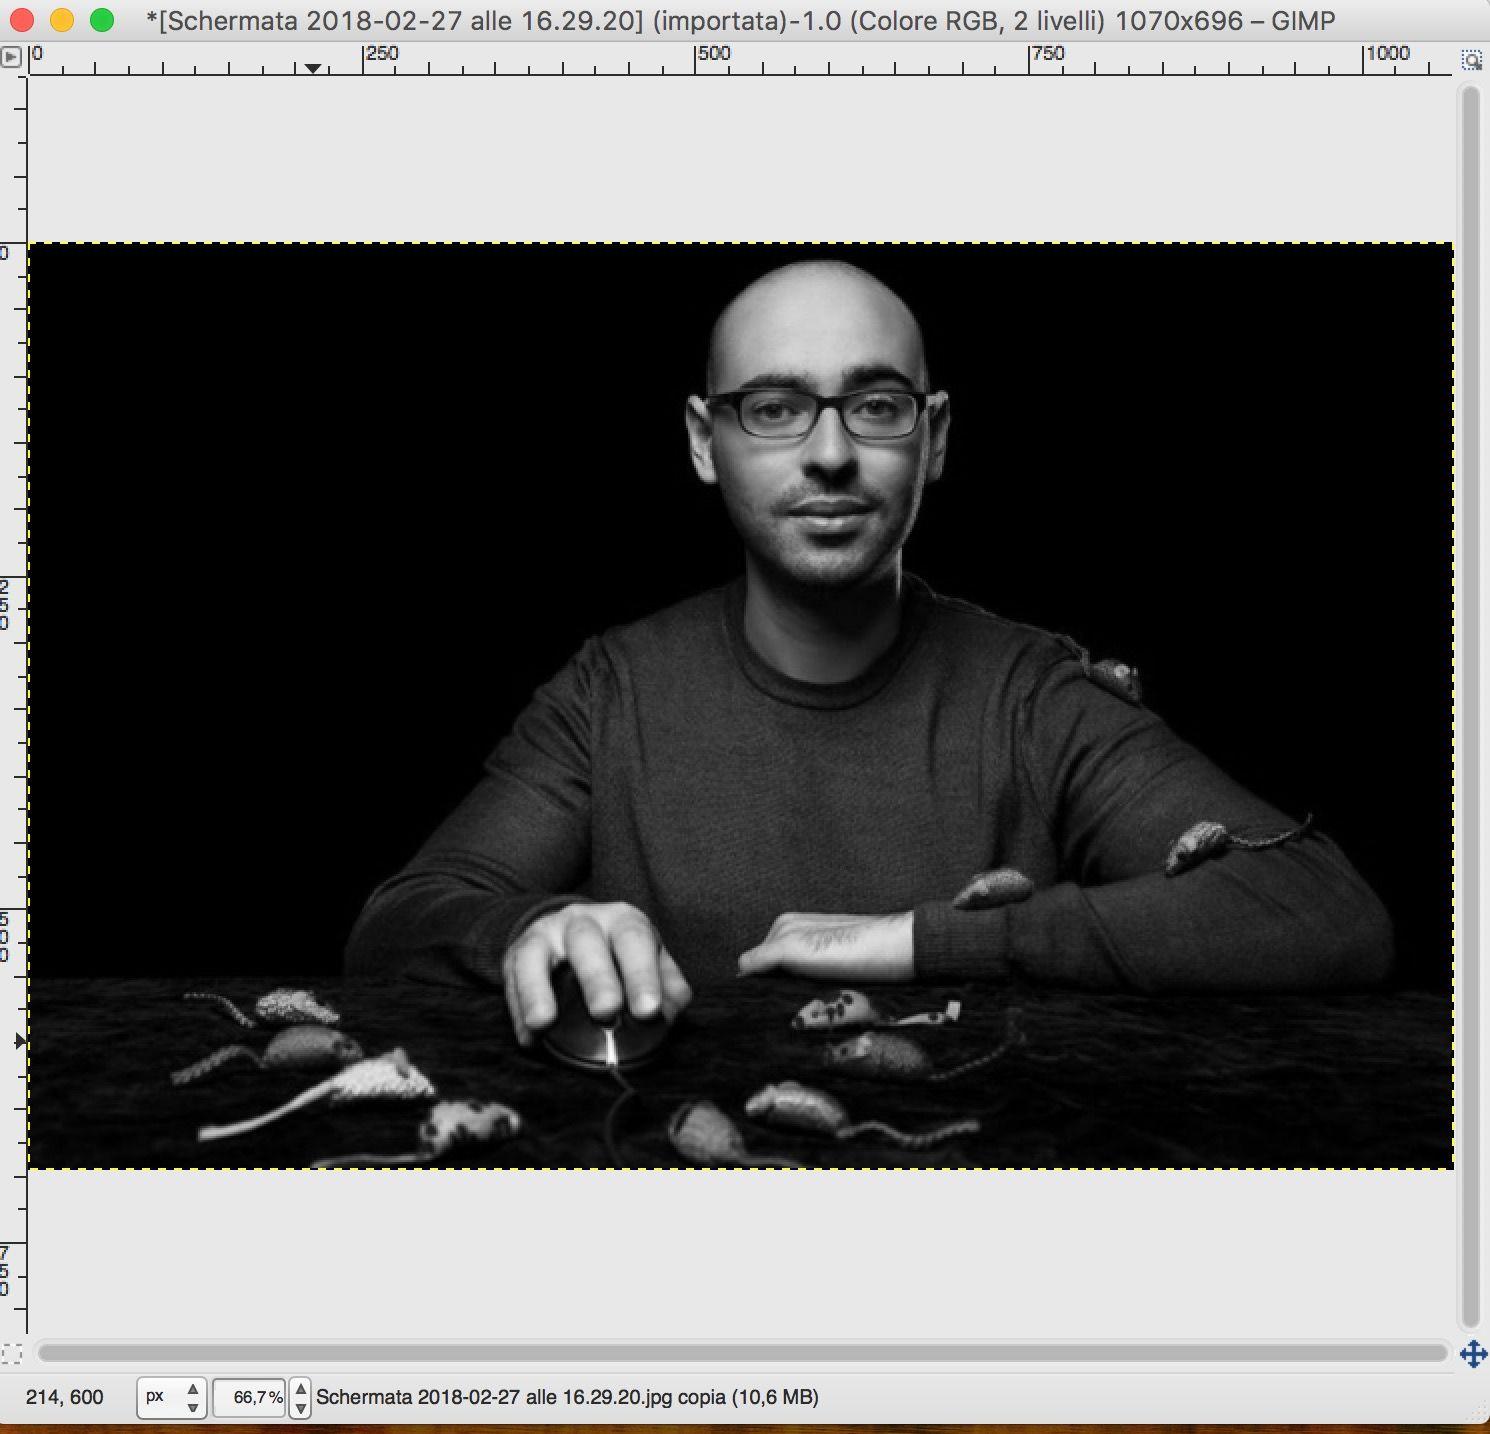 Come Creare Foto In Bianco E Nero Con Un Particolare Colorato